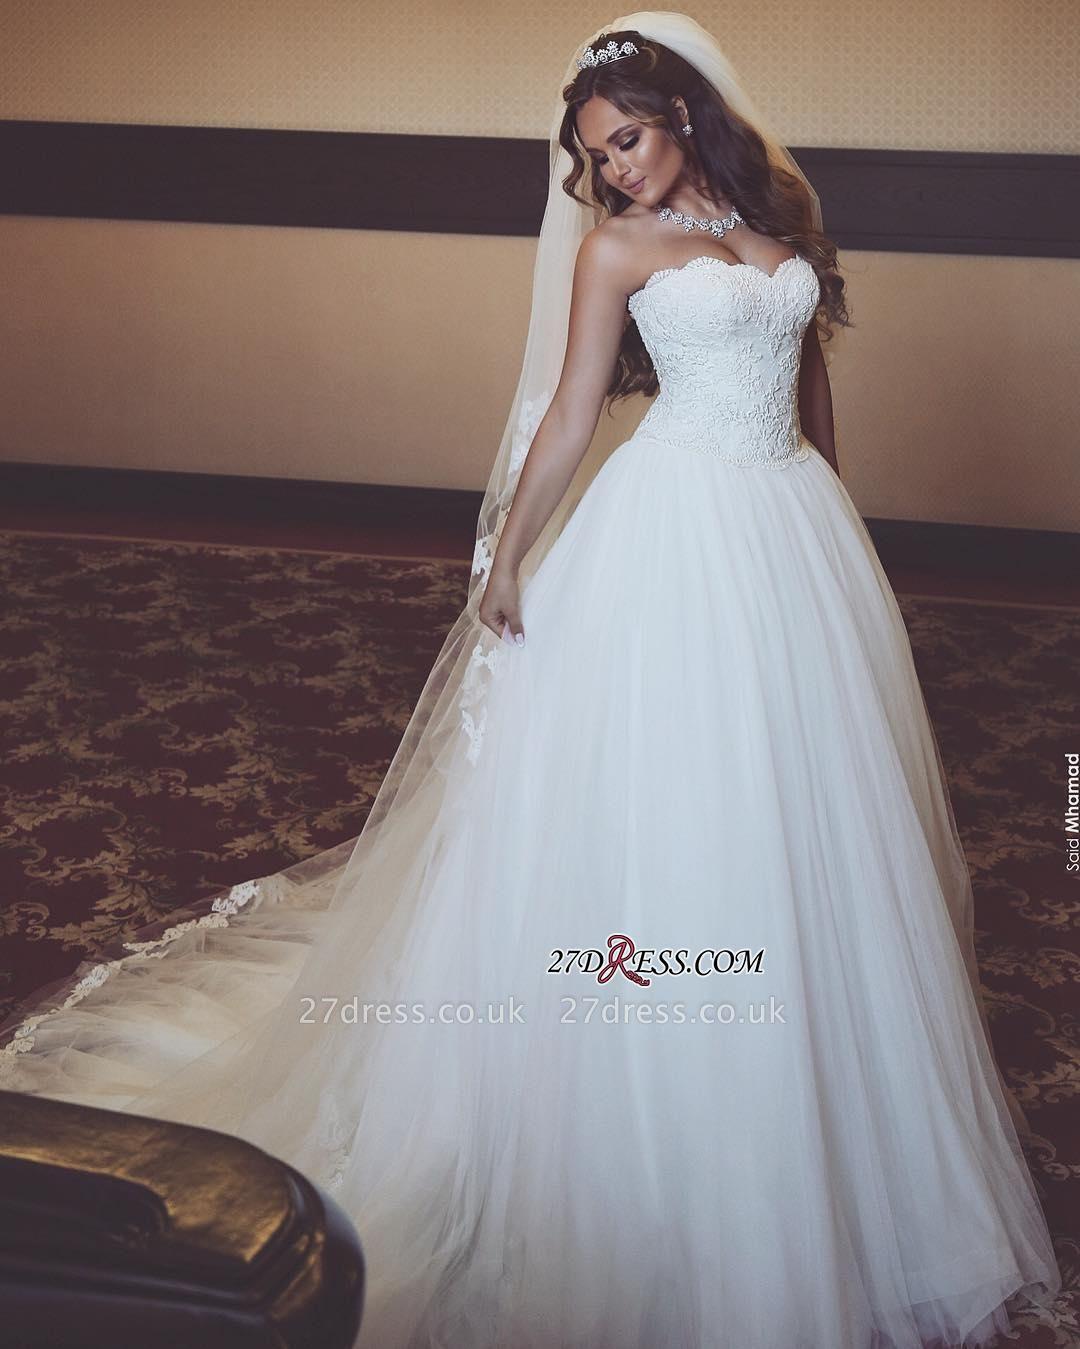 Sleeveless Sweetheart Long Lace Gorgeous Tulle Wedding Dresses UK